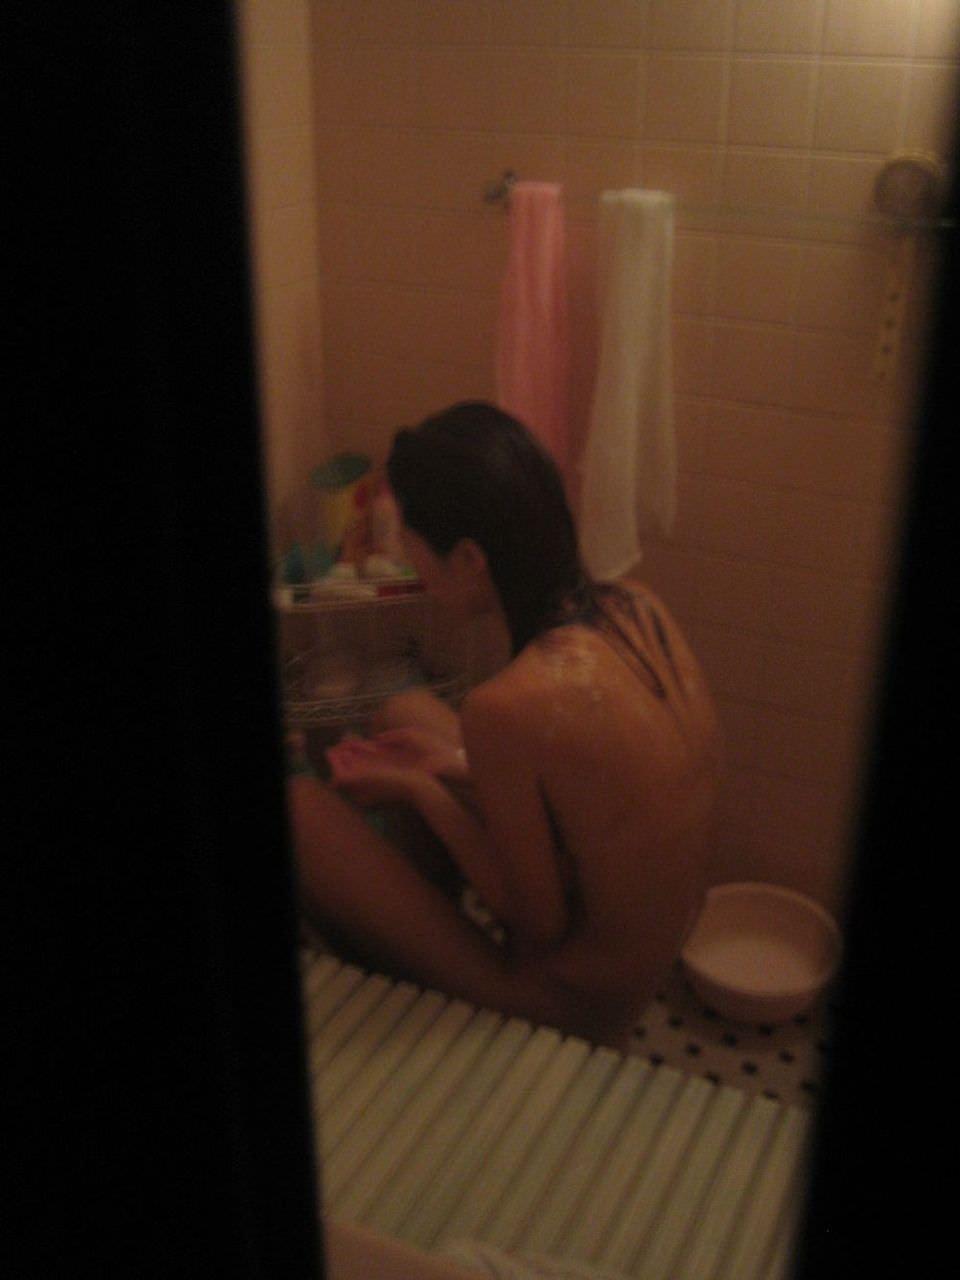 近所に住む女子大生の部屋やお風呂を隠し撮りしたエロ画像 56